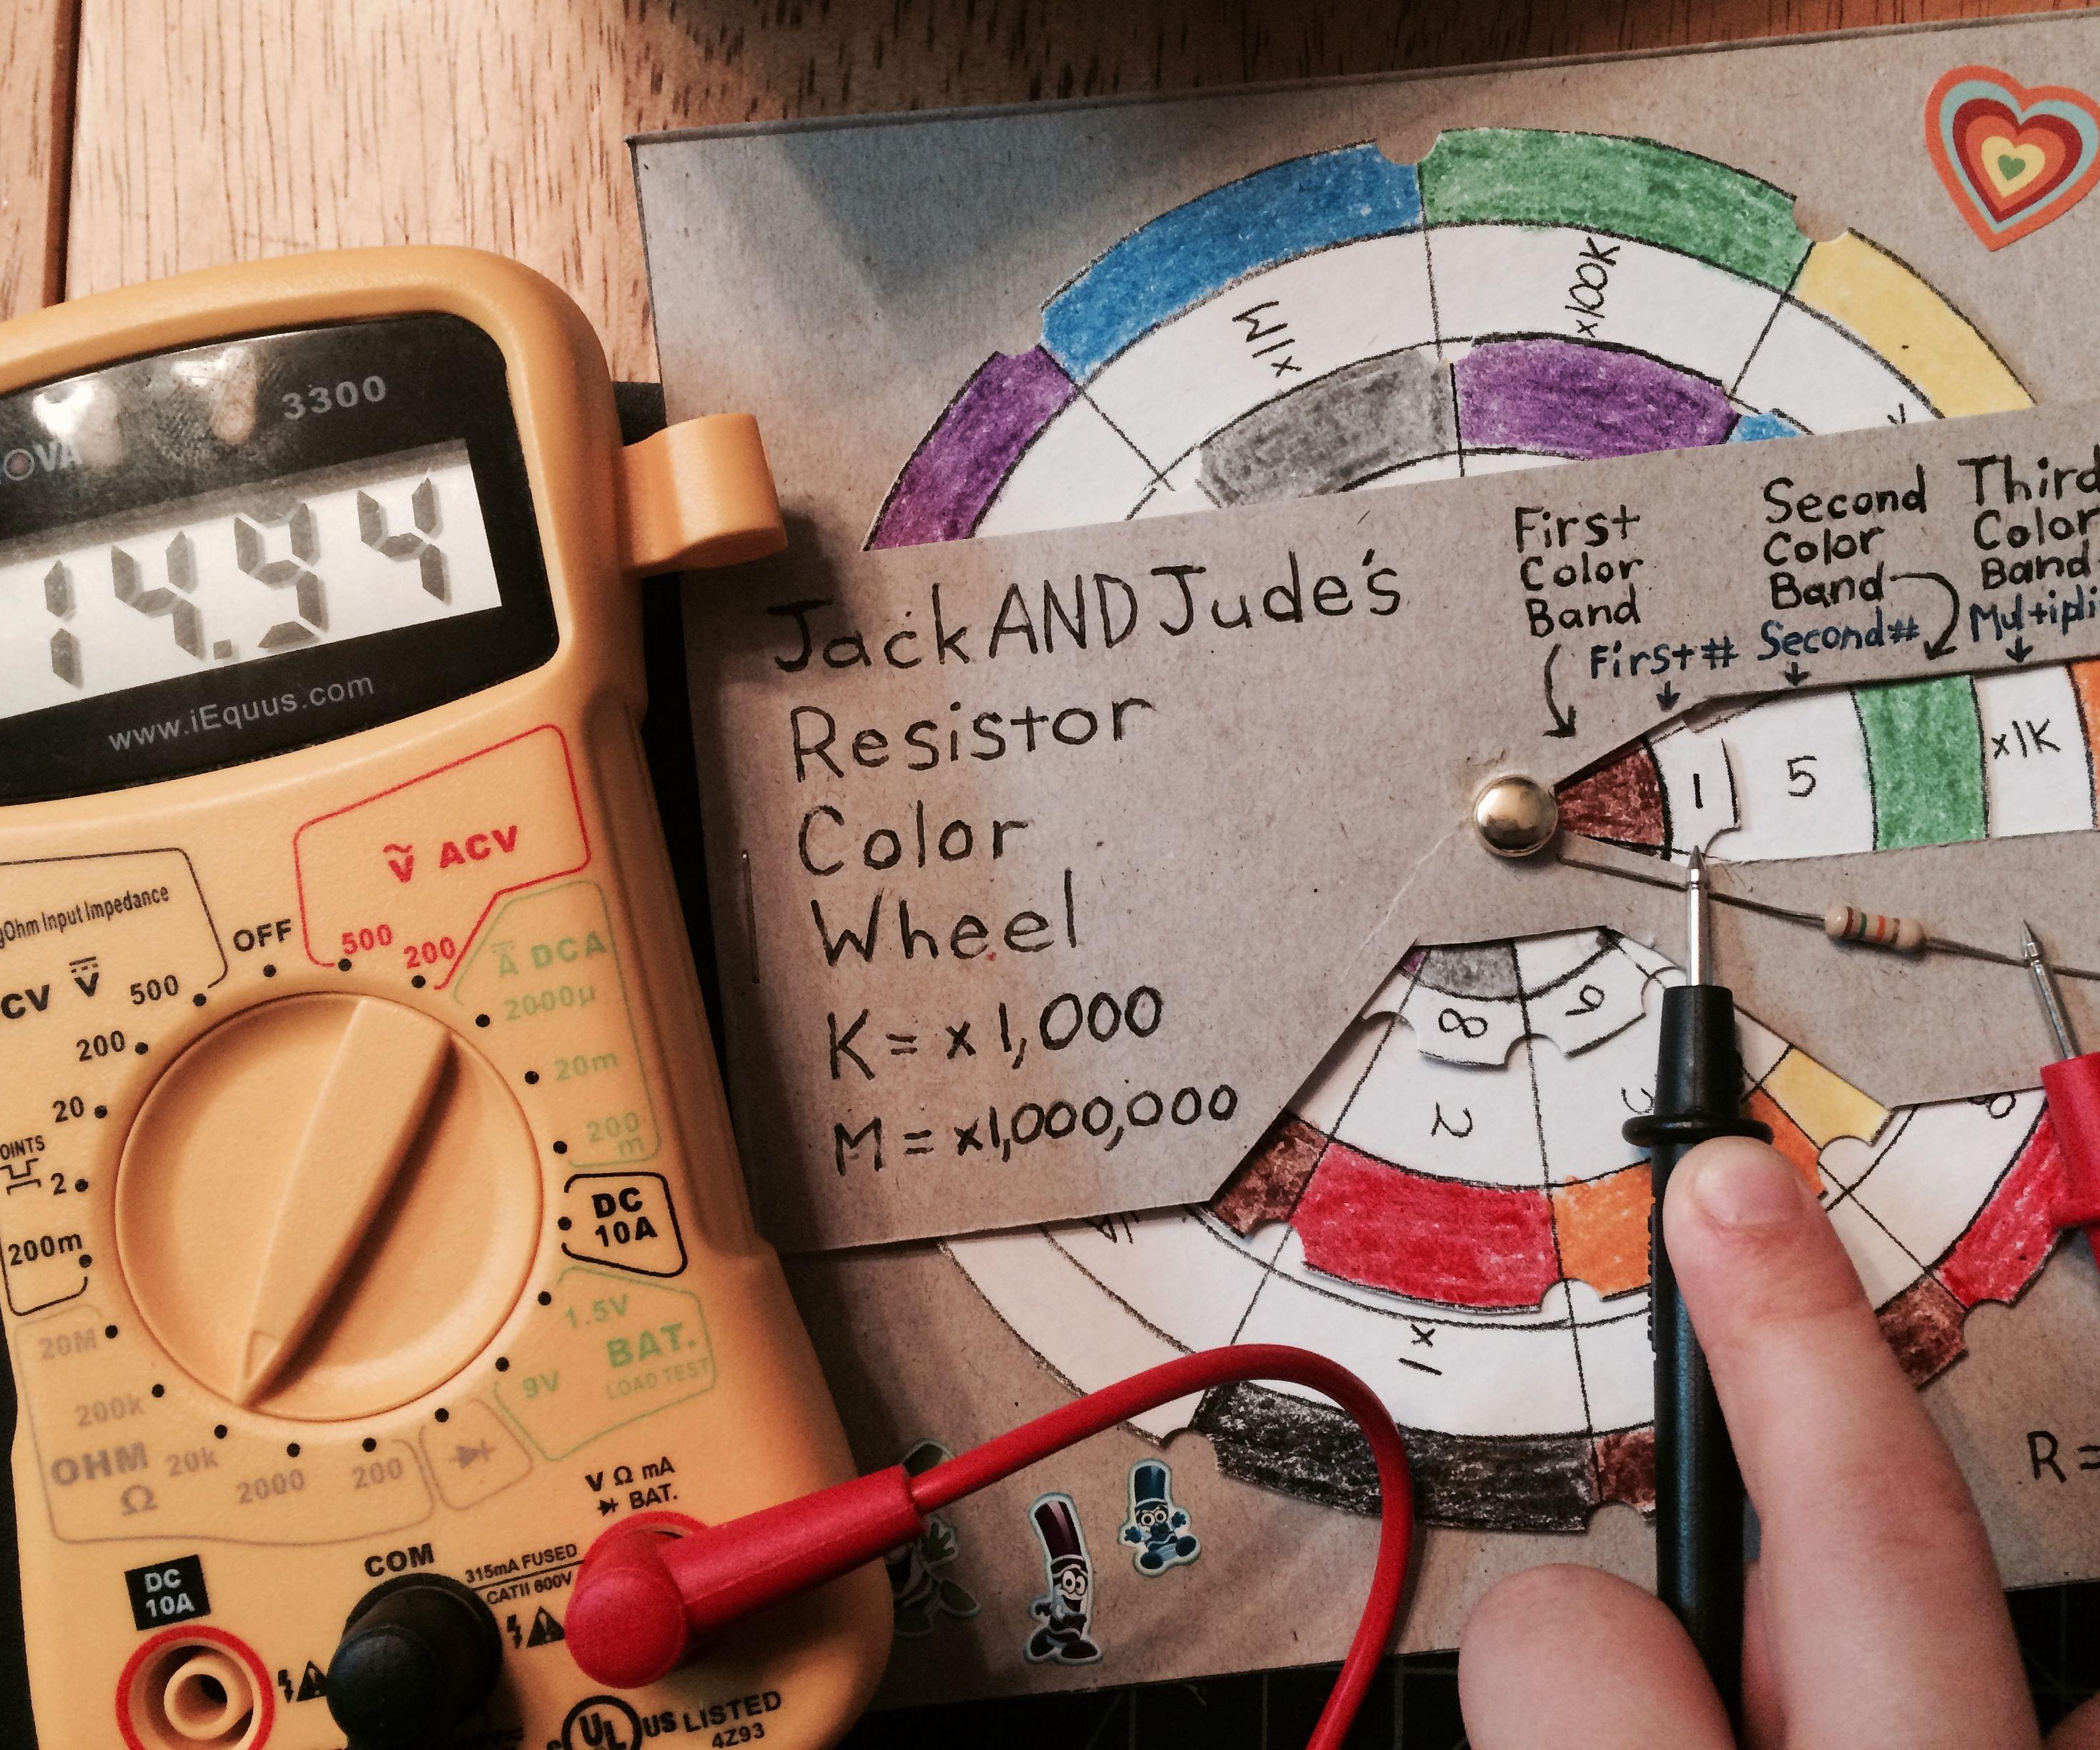 Car color code finder - Resistor Color Wheel Tool